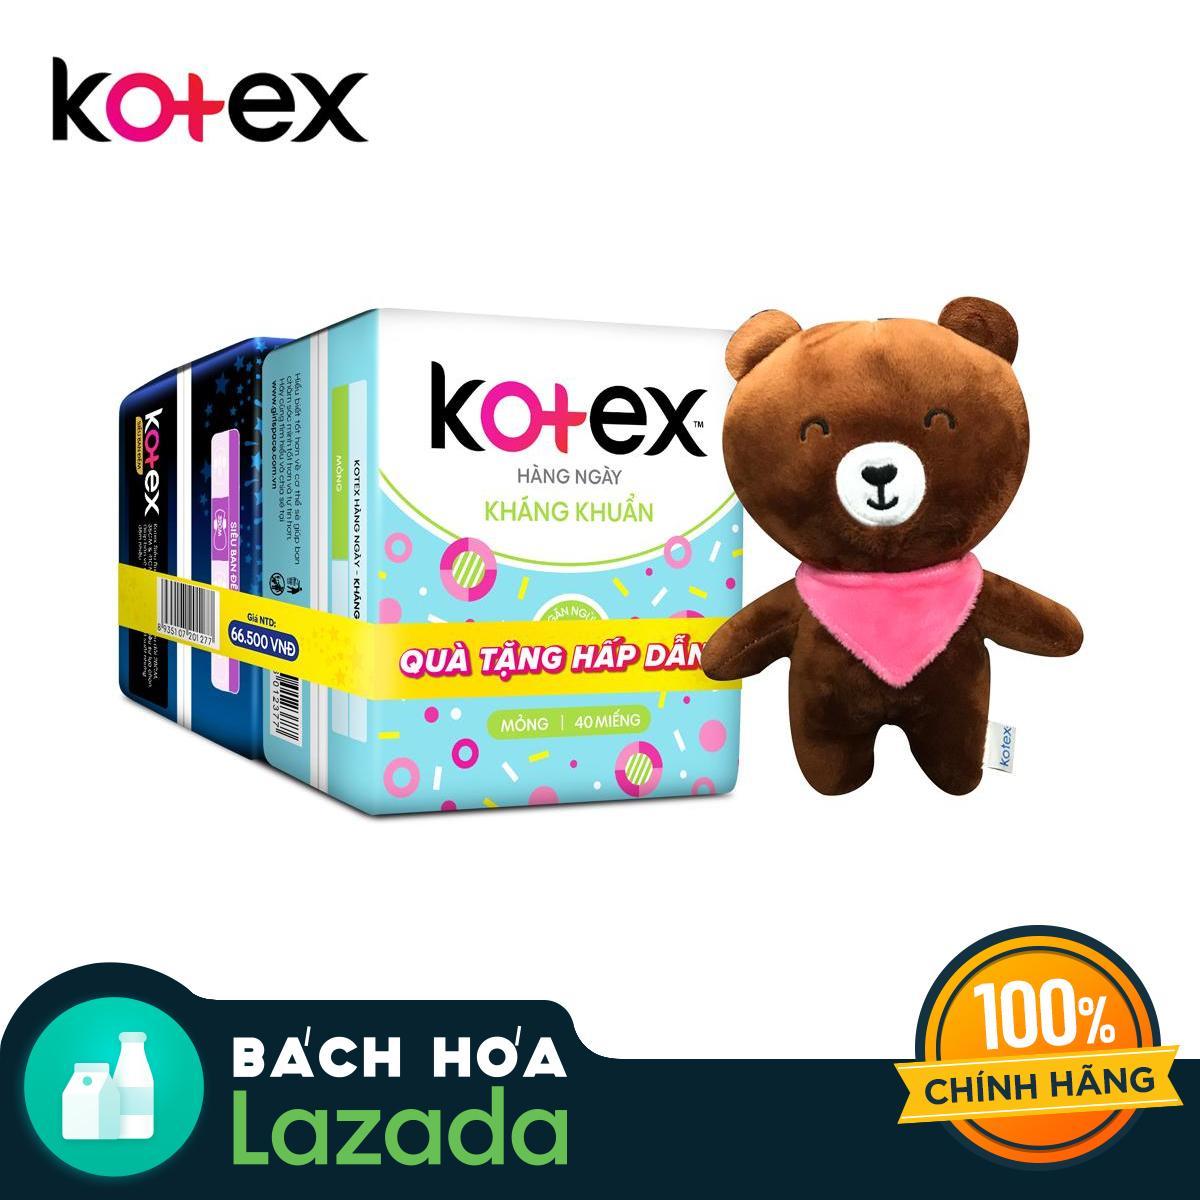 Combo chăm sóc toàn diện - 1 gói hàng ngày kháng khuẩn (40 miếng) + 1 gói Siêu ban đêm 28cm gói lớn + Tặng kèm 1 gấu bông xinh xắn nhập khẩu